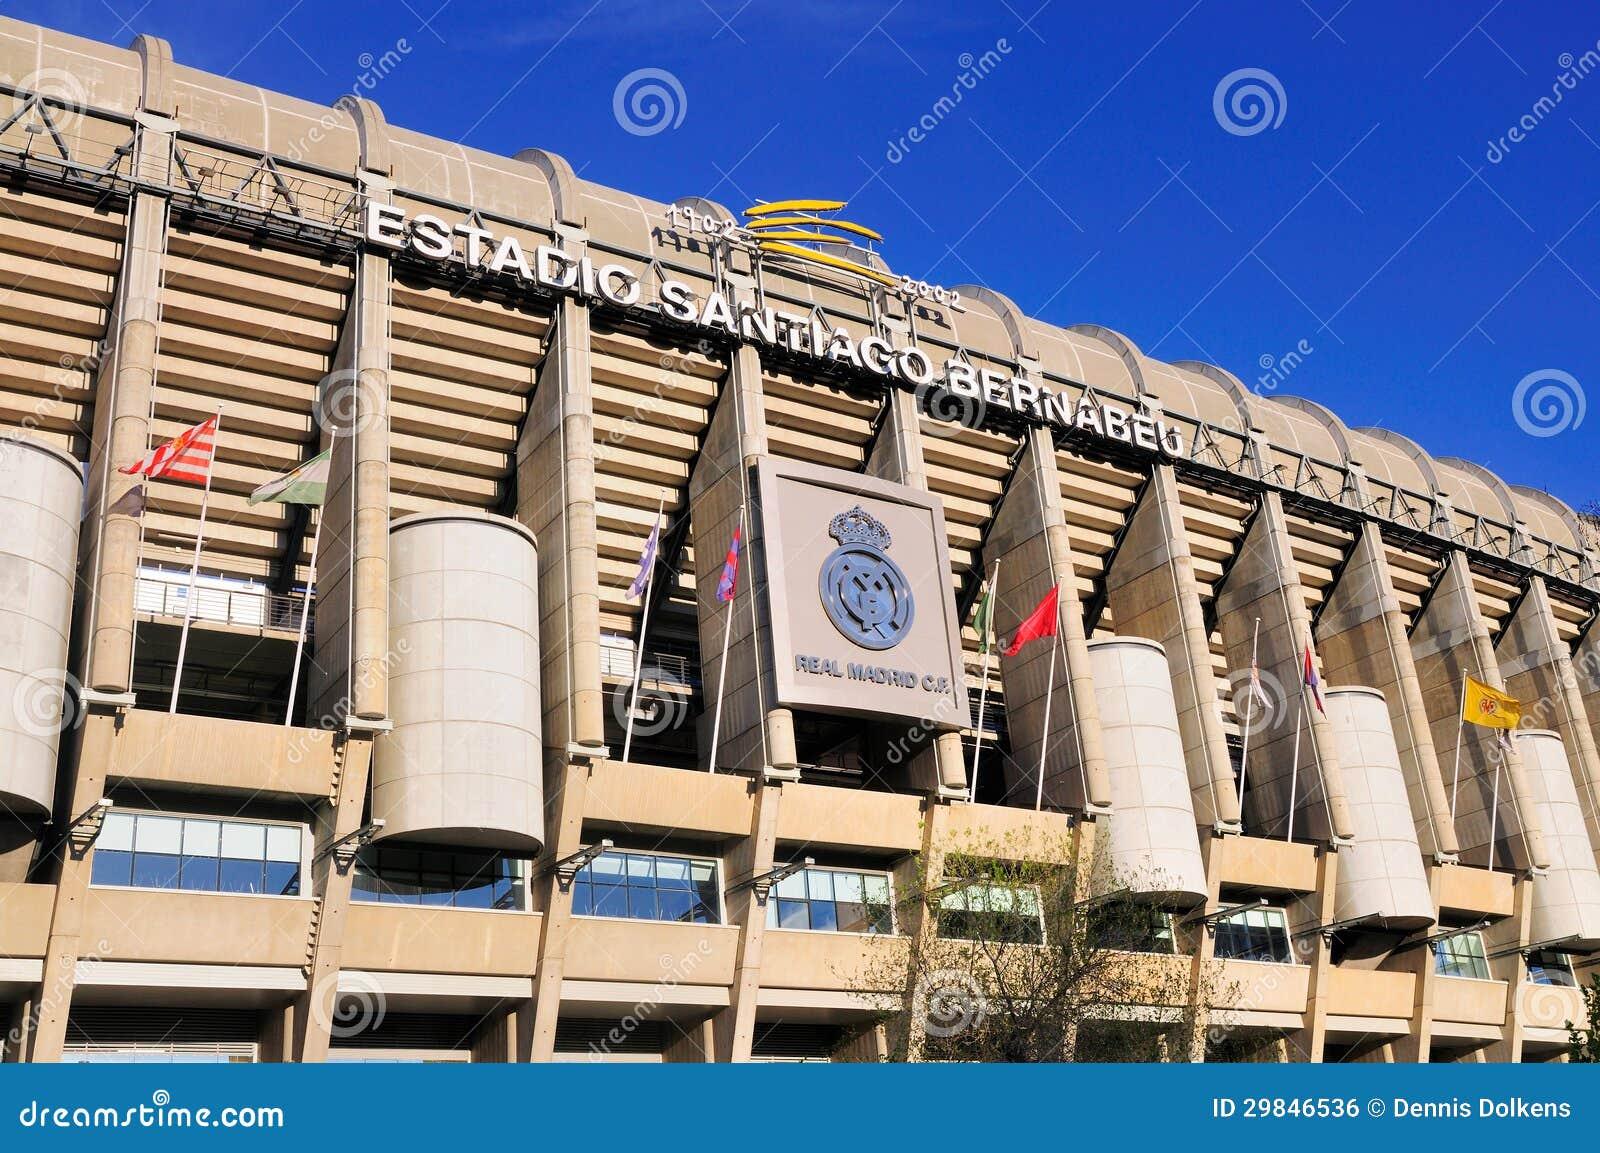 Estádio de Real Madrid, Spain